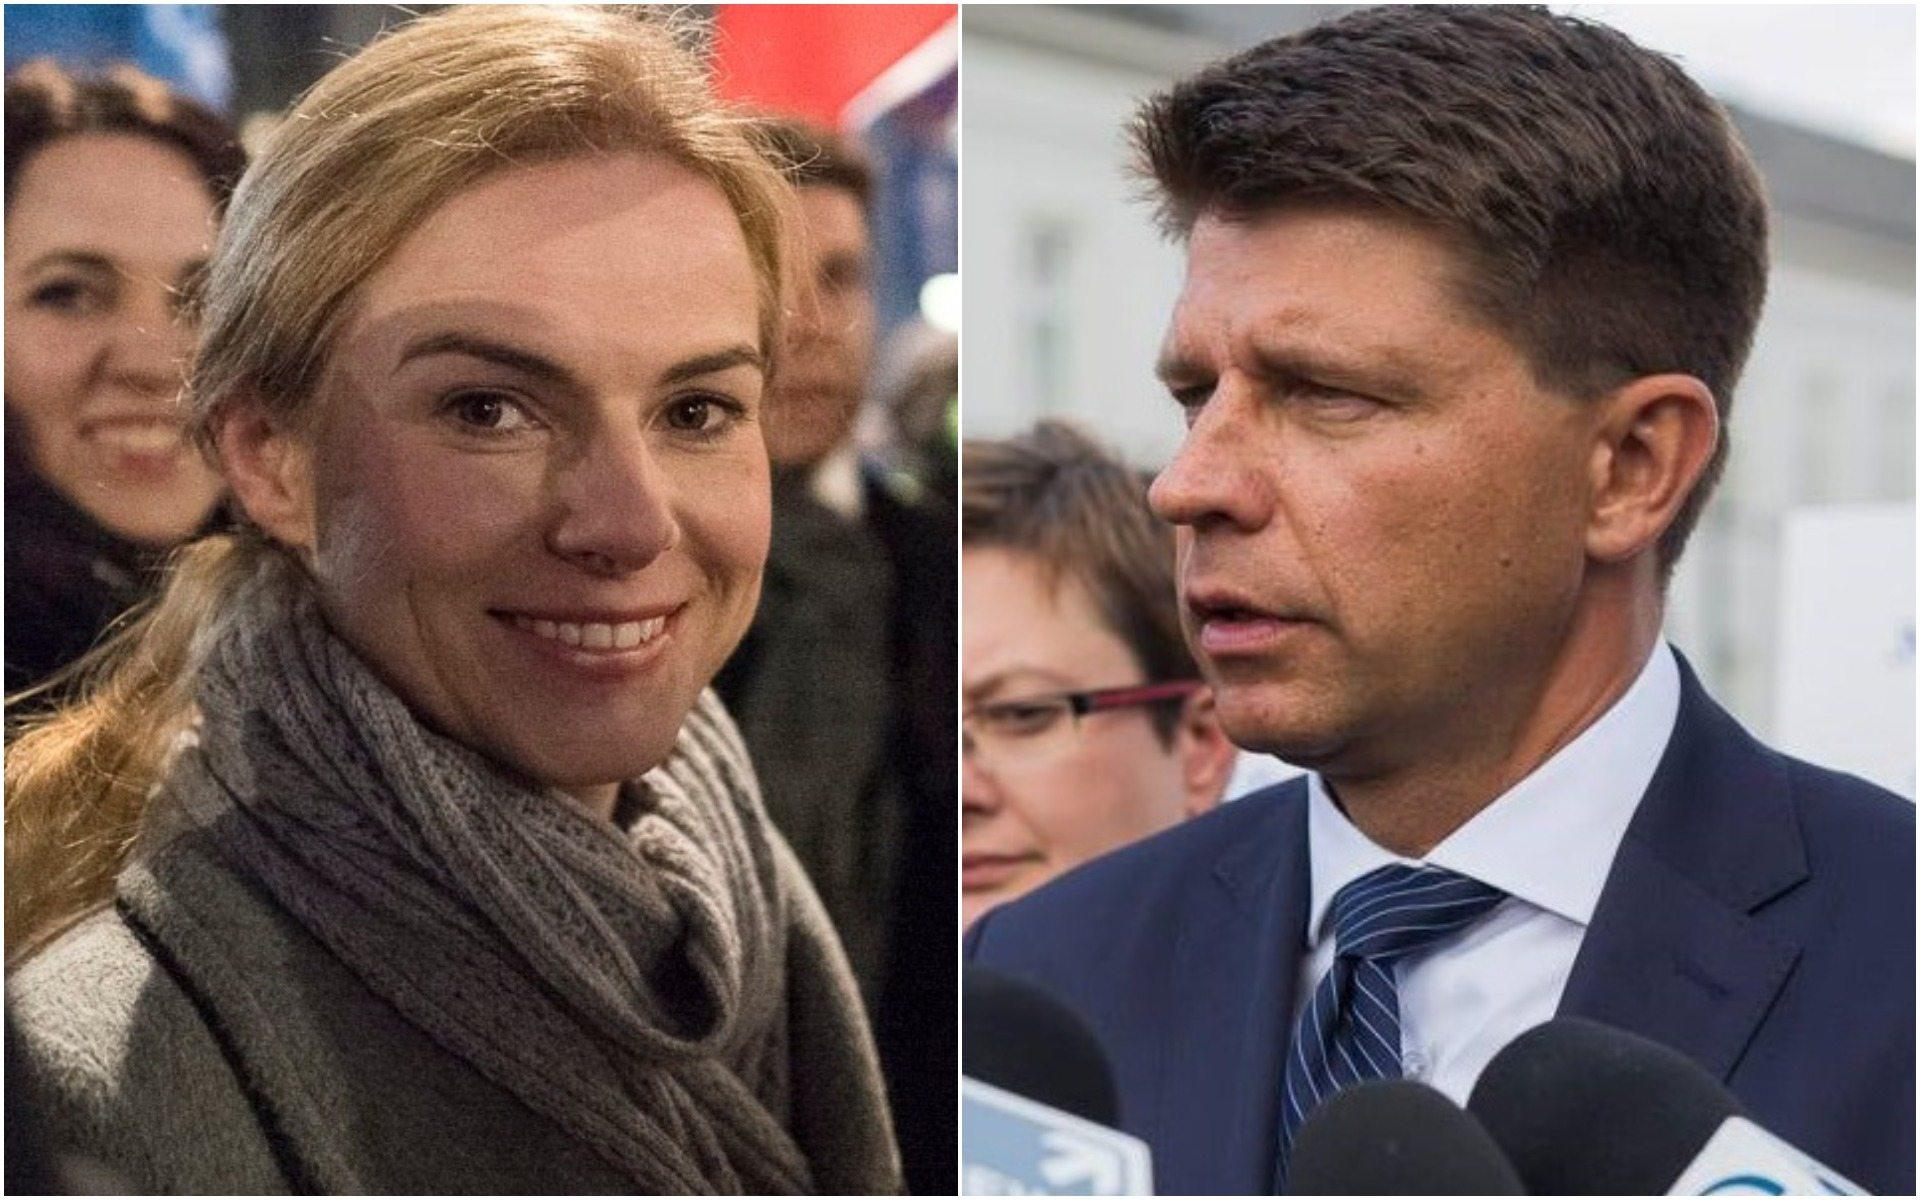 Petru wściekły. Posłowie Nowoczesnej chcą zemsty na Schmidt za romans z liderem partii